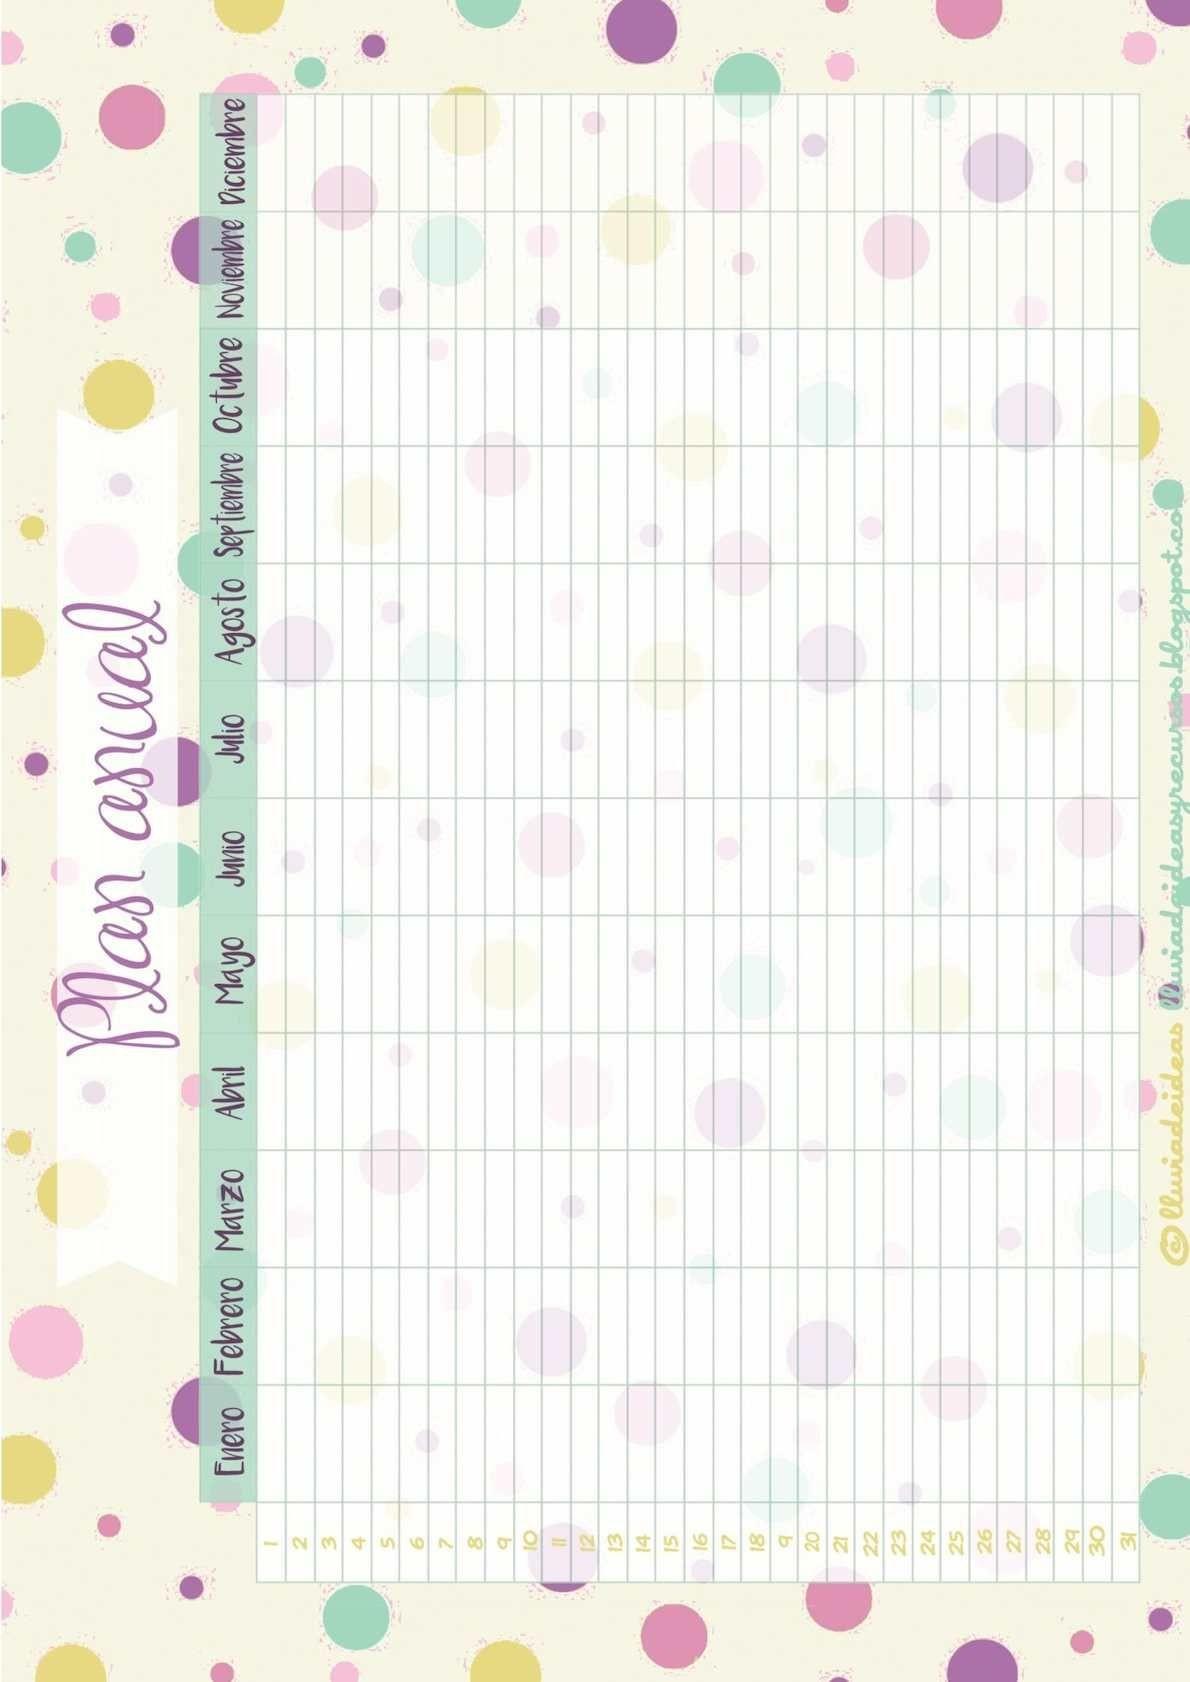 Imprimir Calendario Entre Fechas Mejores Y Más Novedosos En Este Nuevo Pack Encontraréis Mºltiples Materiales Con Los Que